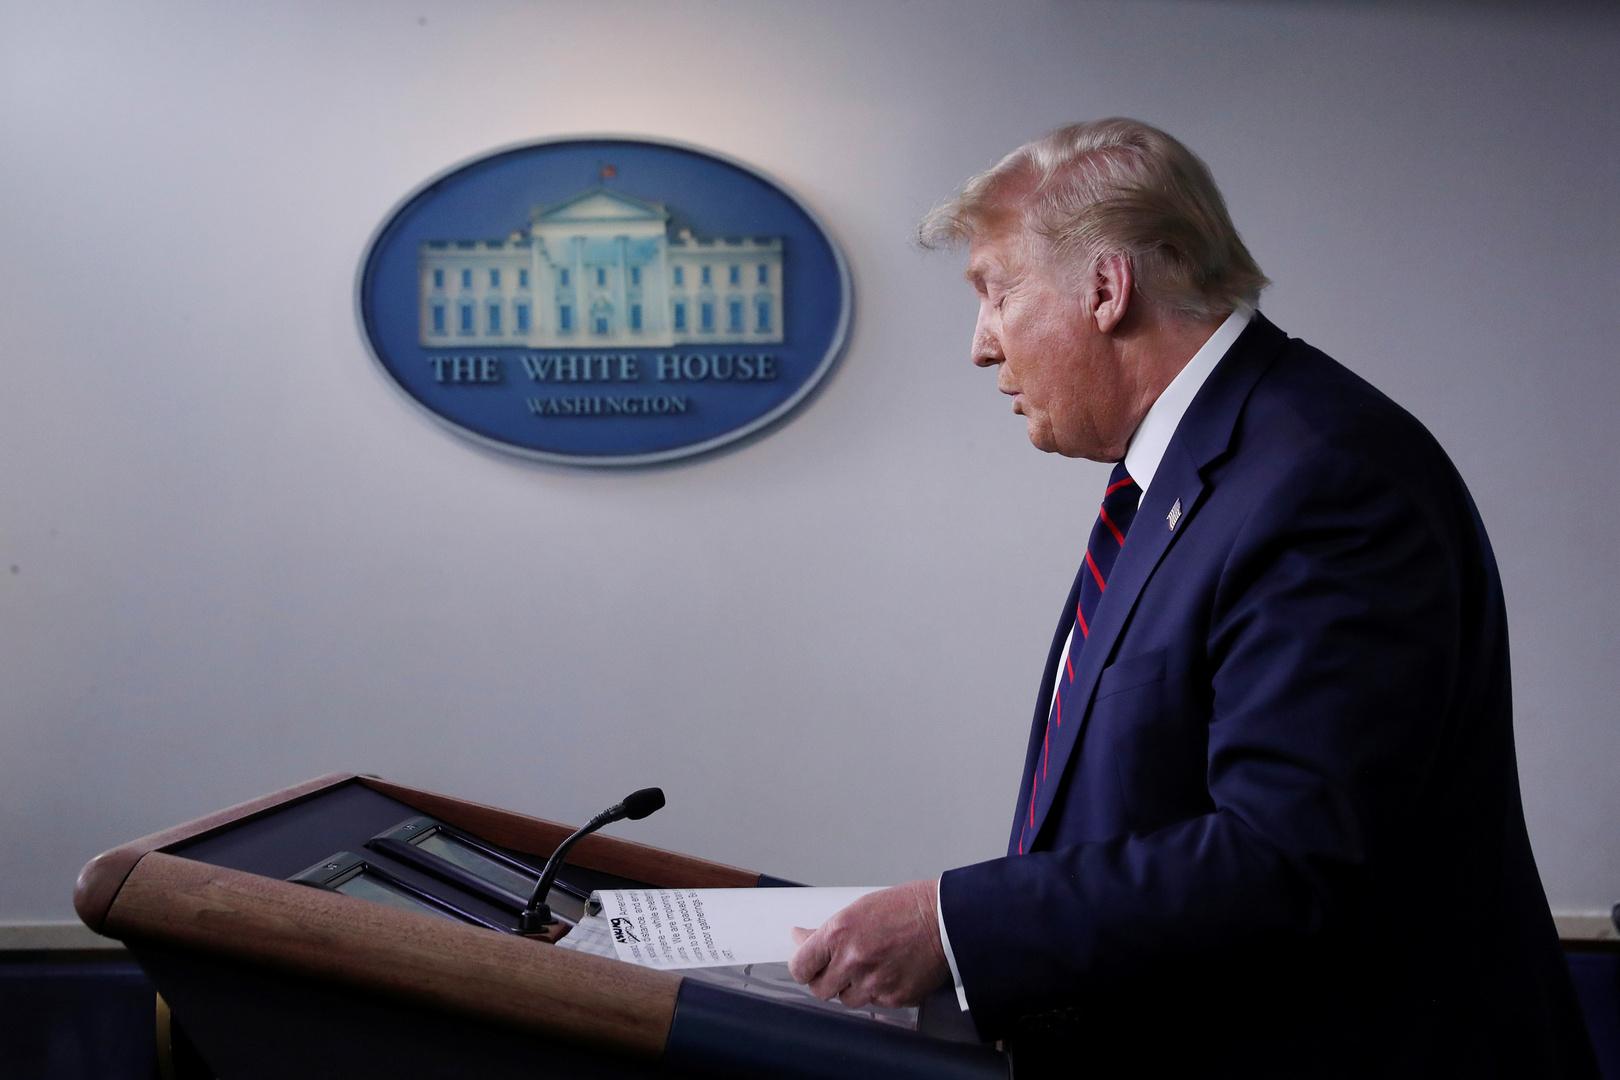 ترامب يوقع مذكرة حول استبعاد المهاجرين غير الموثقين من تعداد السكان